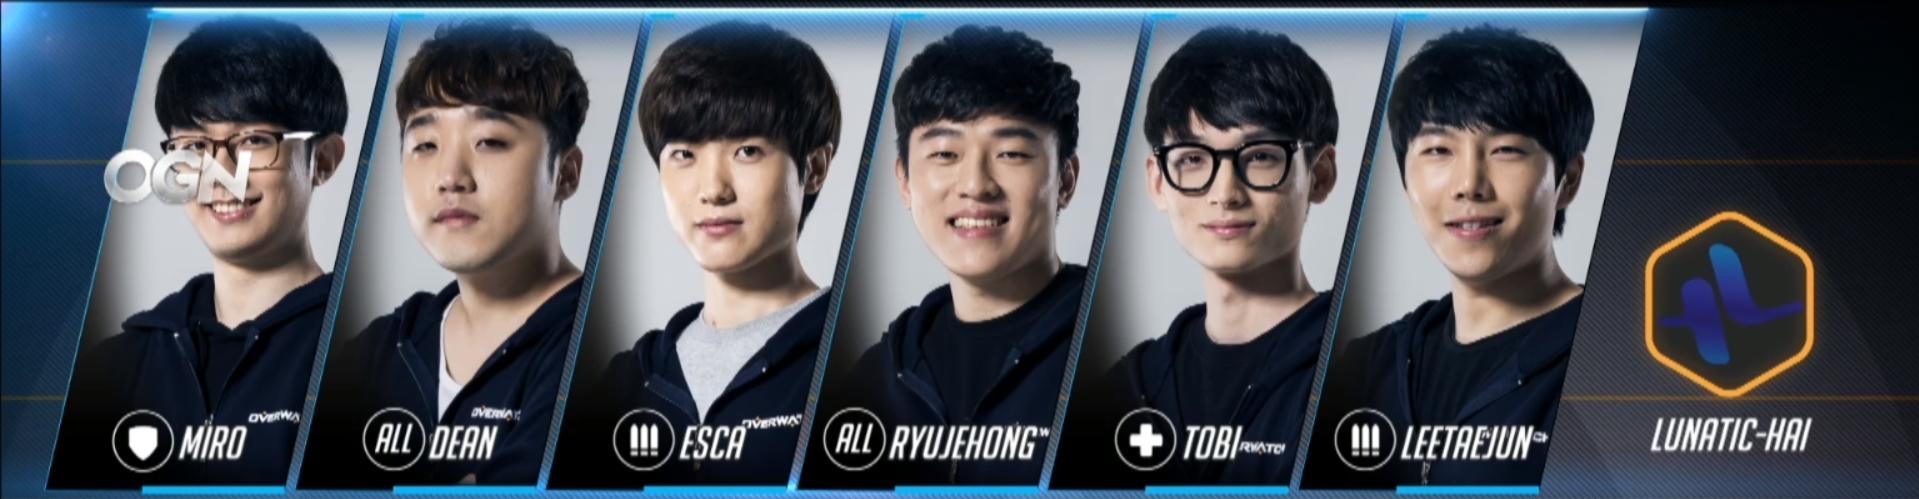 Najgorętsze nazwiska e-sportu w Korei!